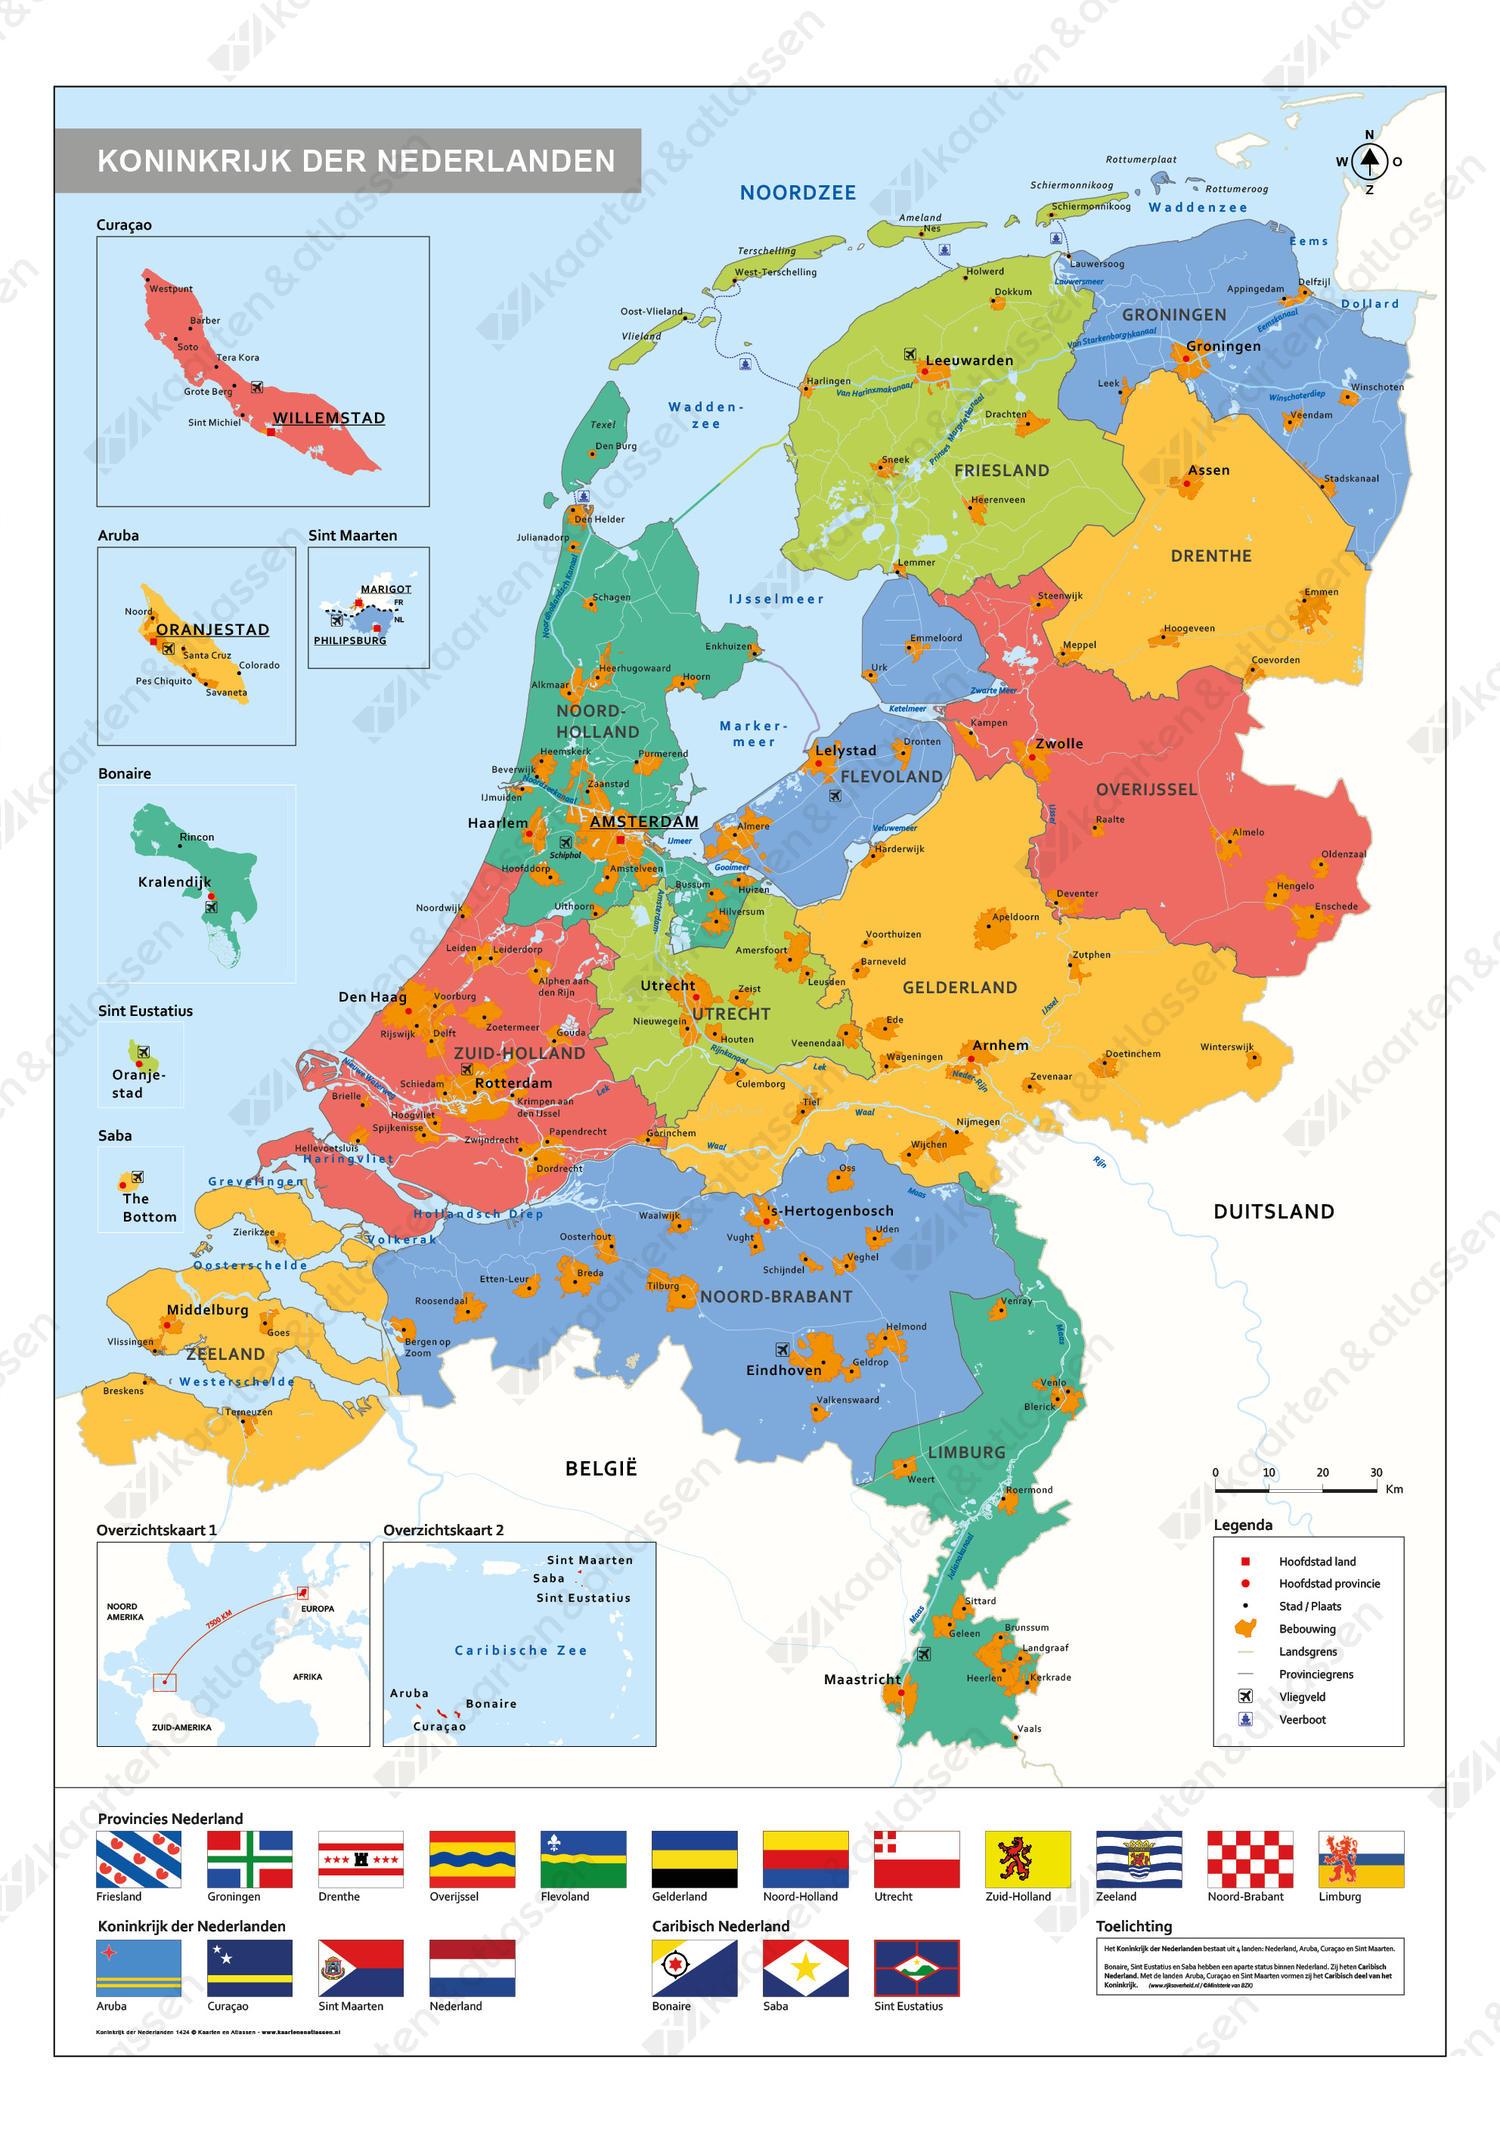 Schoolkaart Koninkrijk der Nederlanden